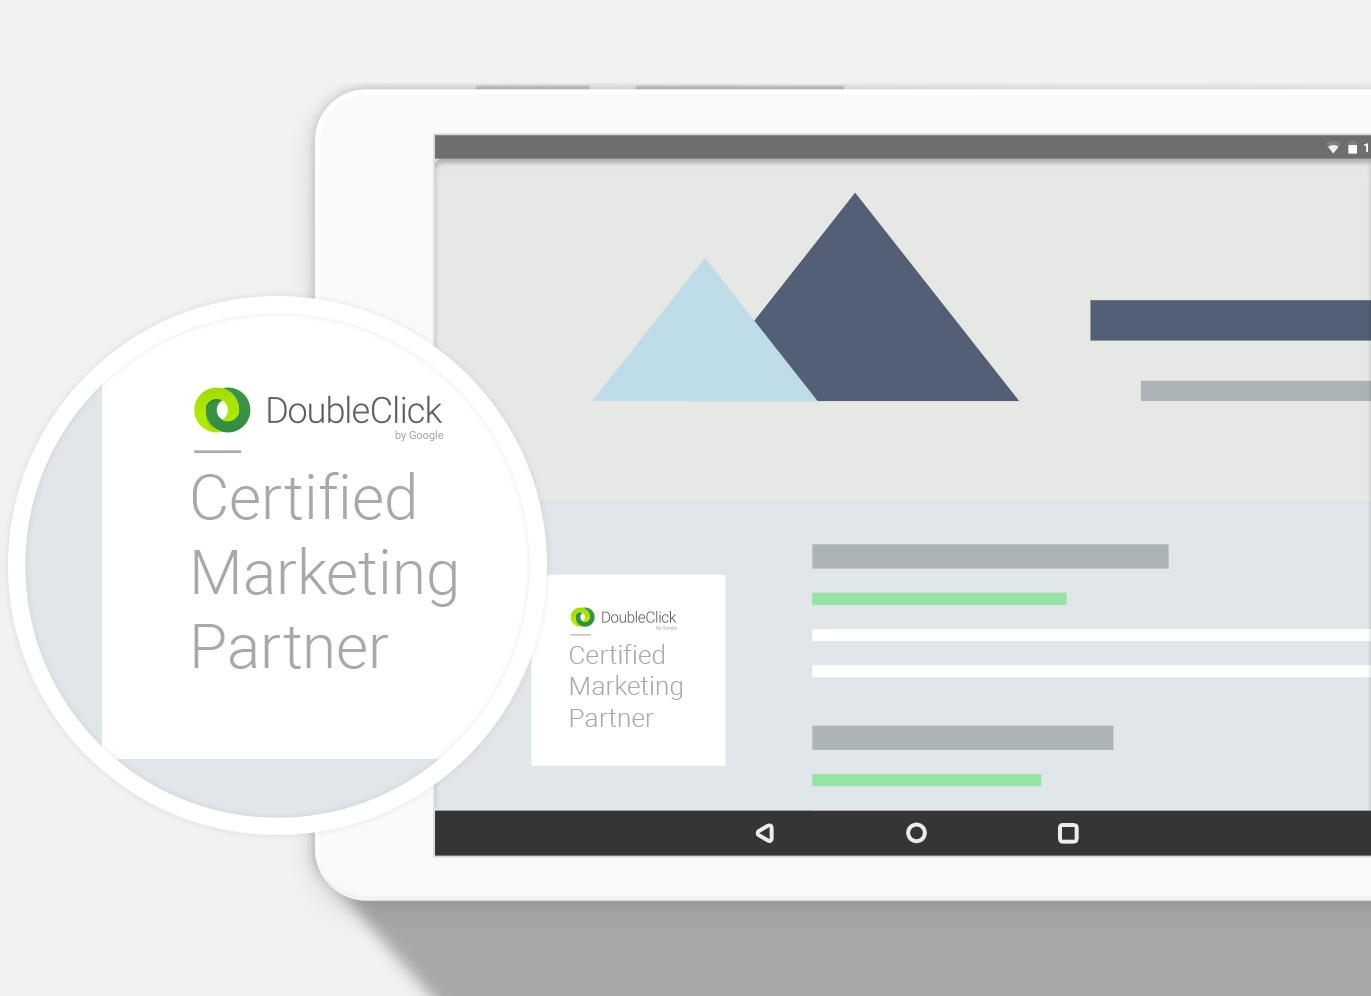 DoubleClick partner badge